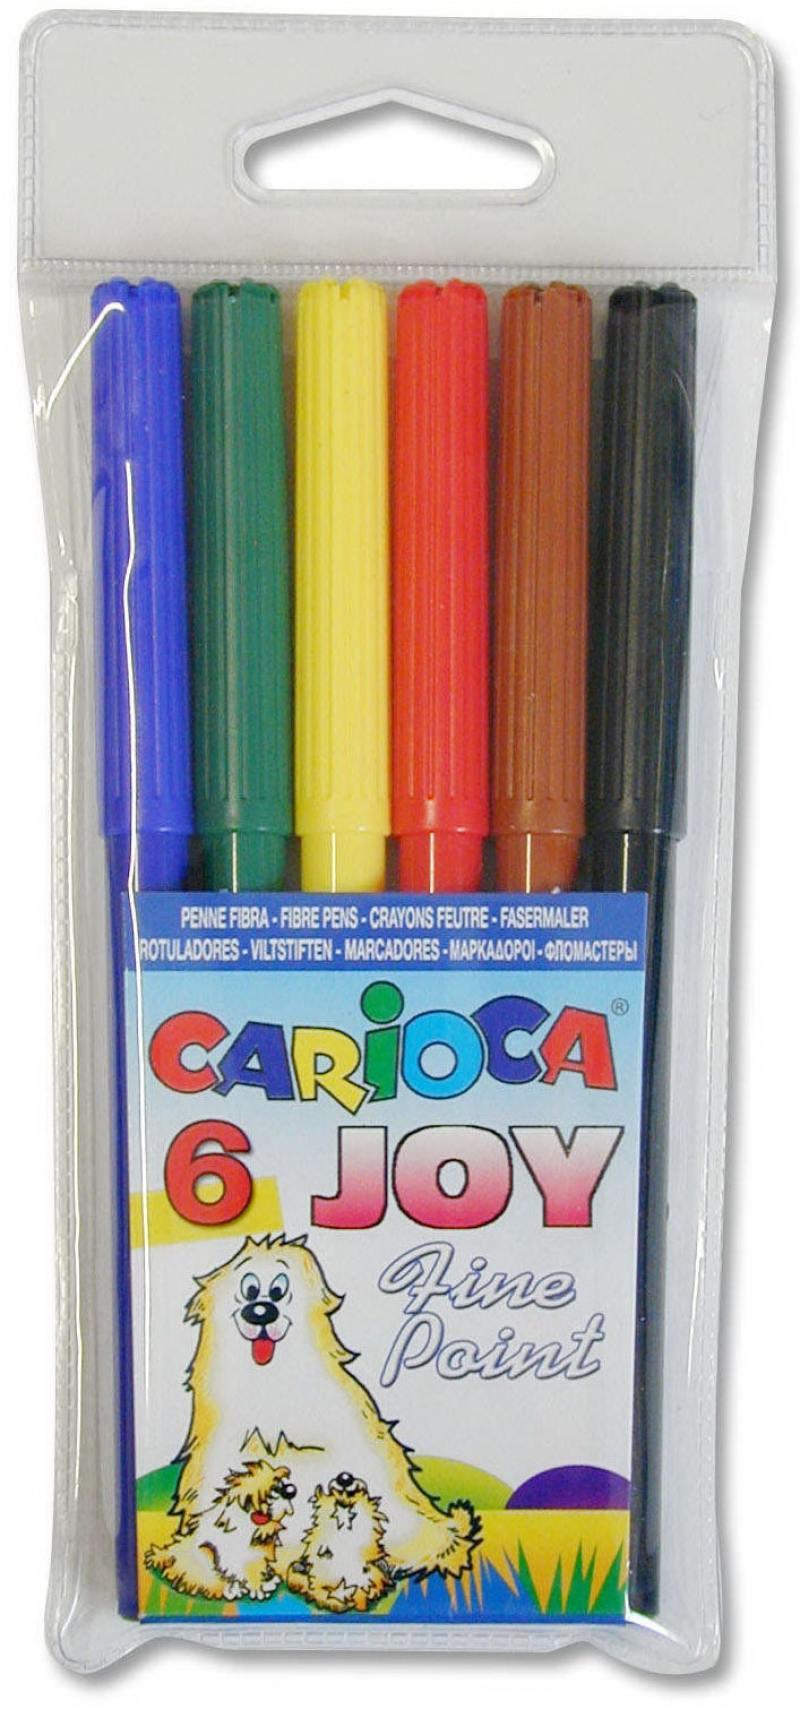 Набор фломастеров Universal CARIOCA JOY 2 мм 6 шт разноцветный 40549/6 40549/6